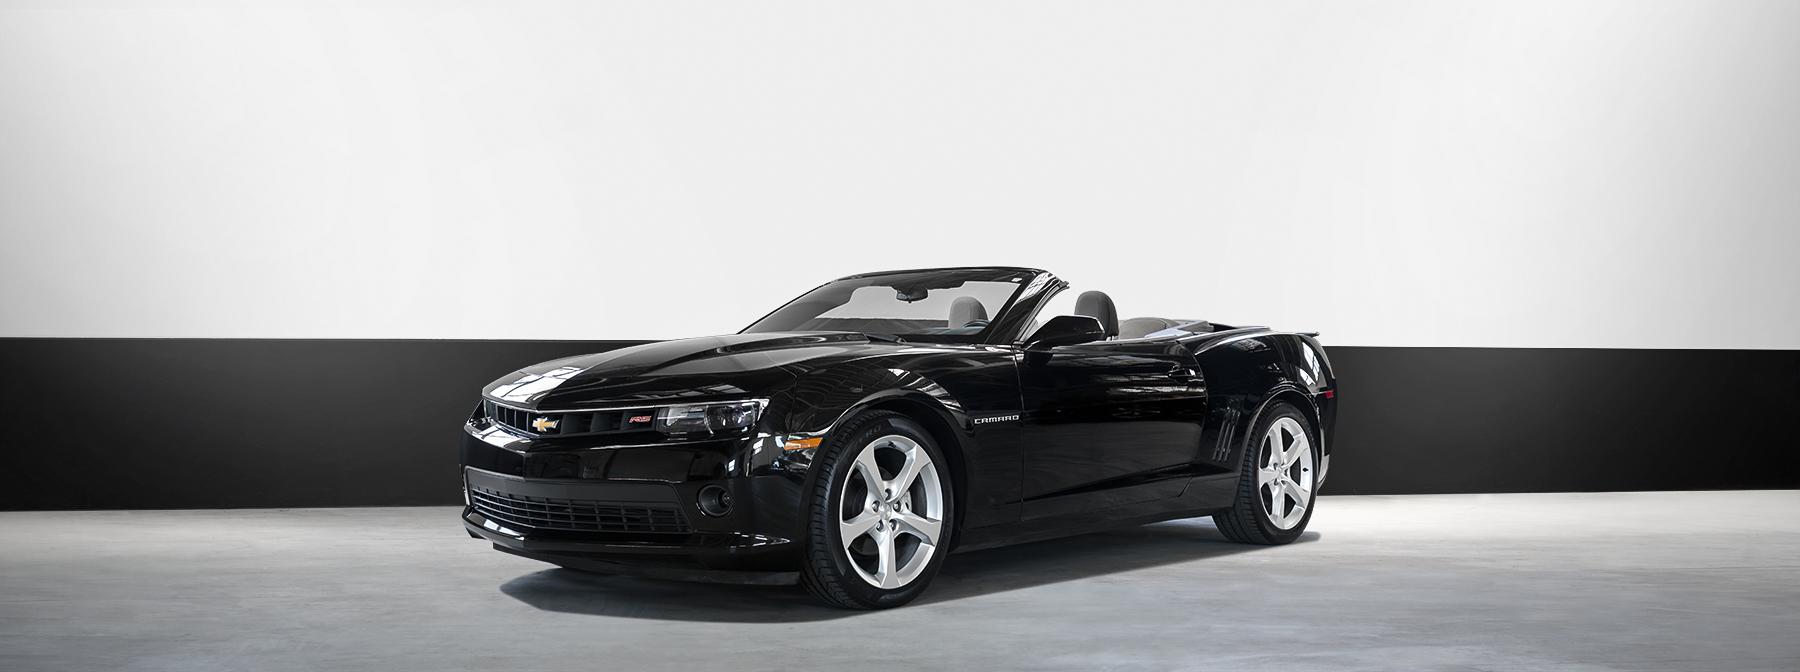 Rent a Chevrolet Camaro in Los Angeles